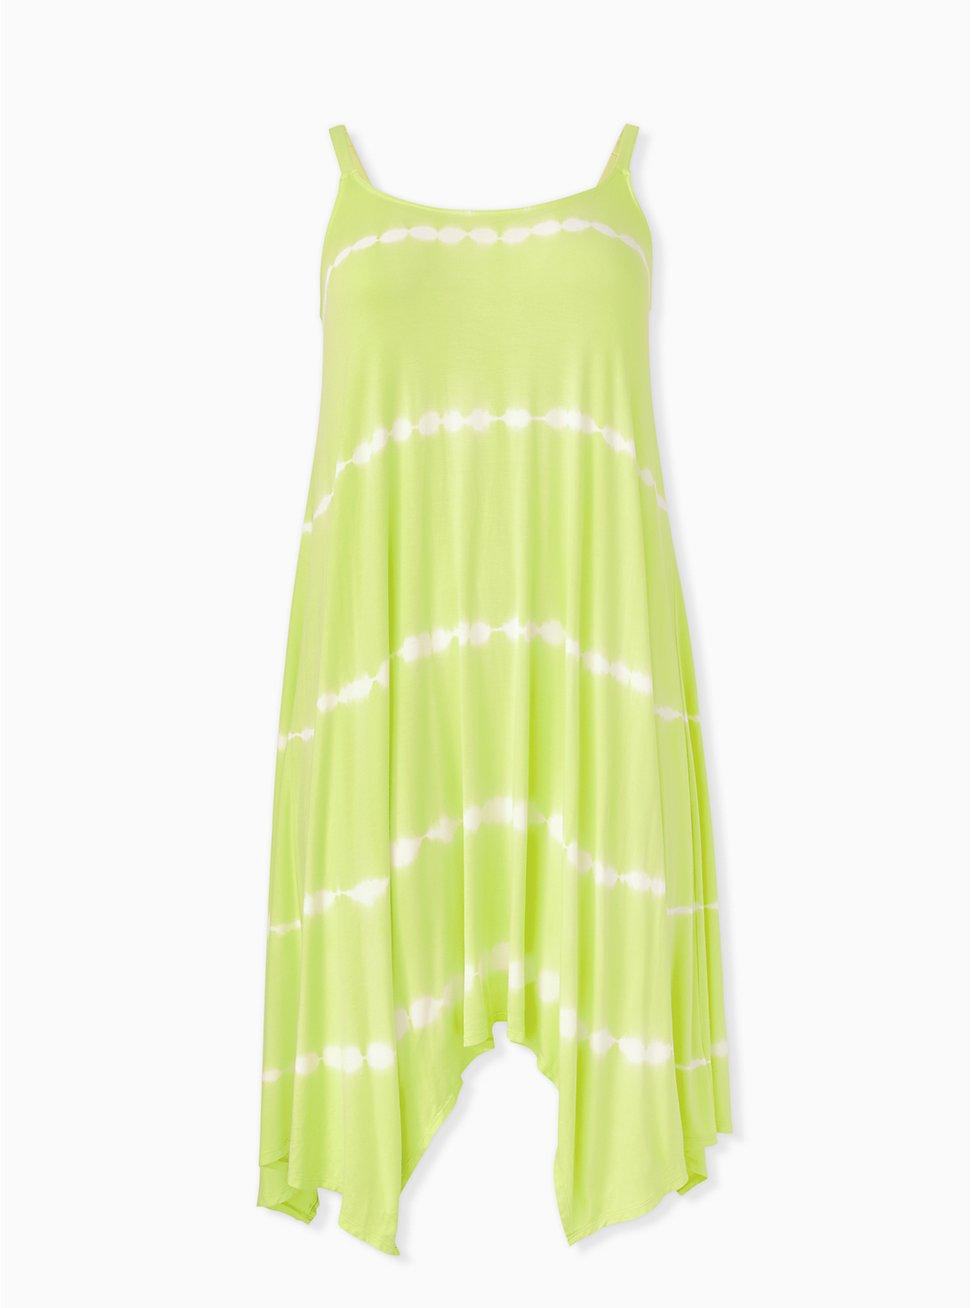 Lemon Yellow Tie-Dye Handkerchief Trapeze Dress, TIE DYE, hi-res